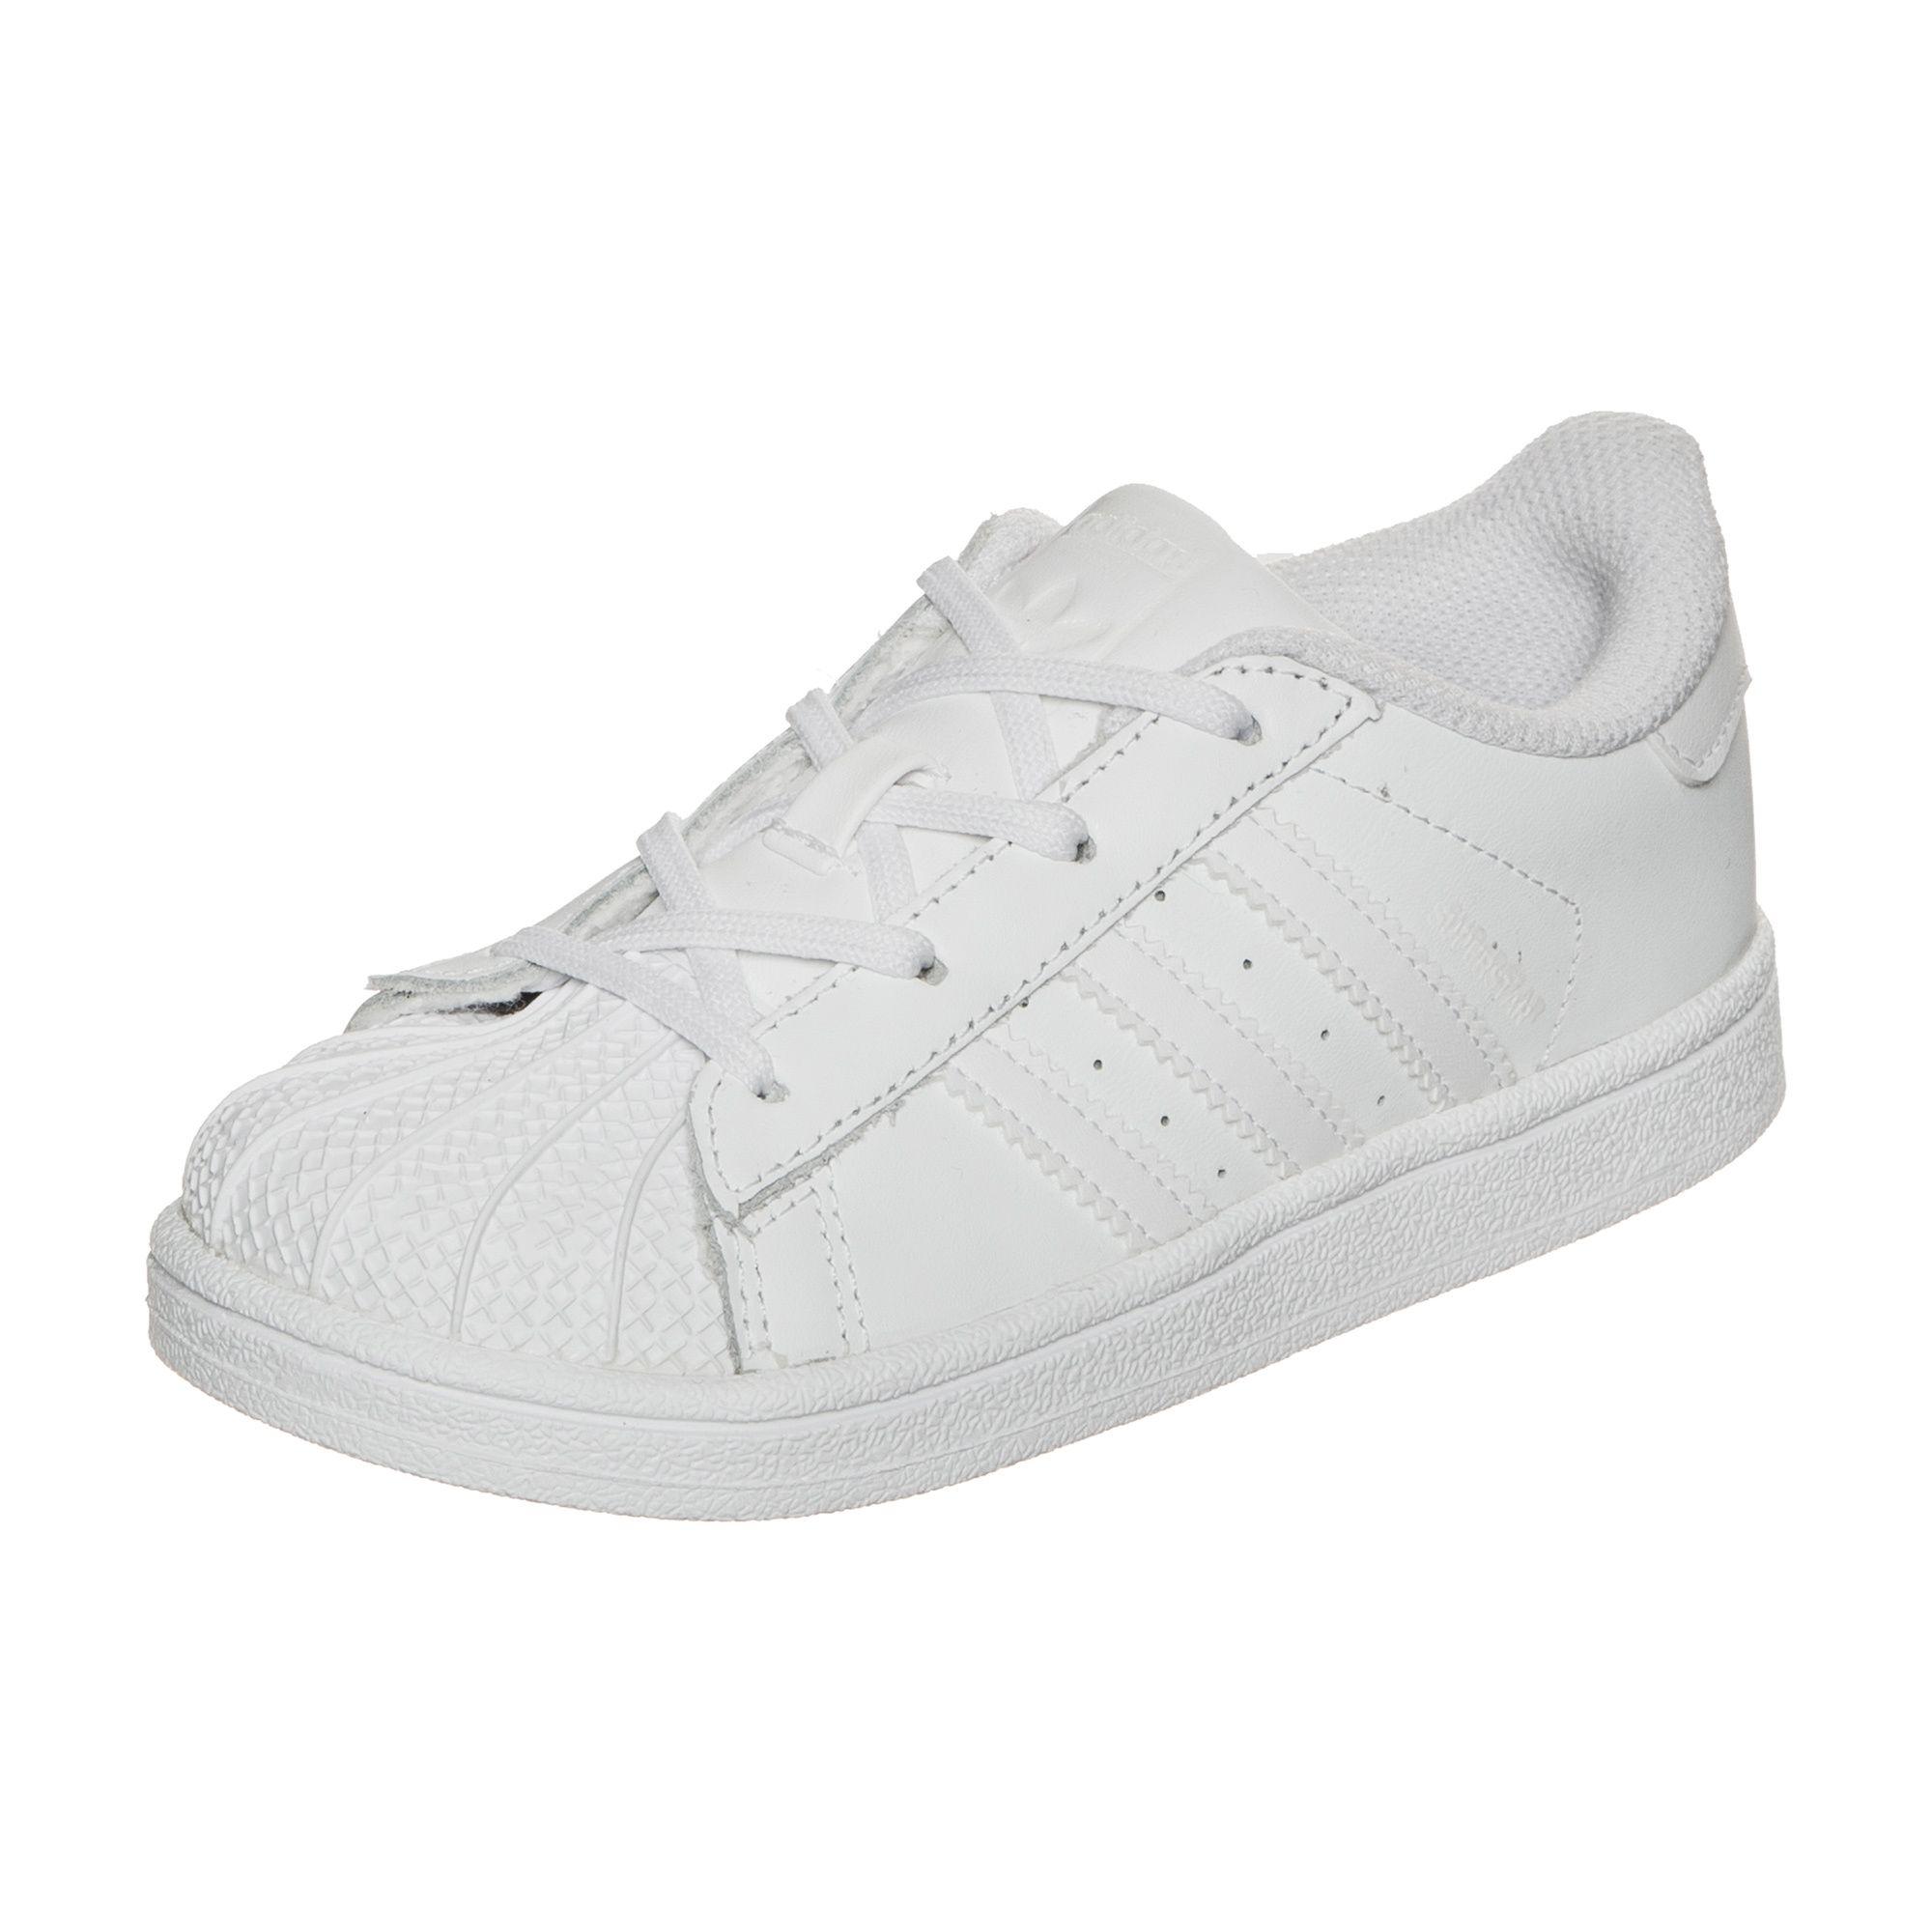 ADIDAS ORIGINALS adidas Originals Superstar Sneaker Kleinkinder